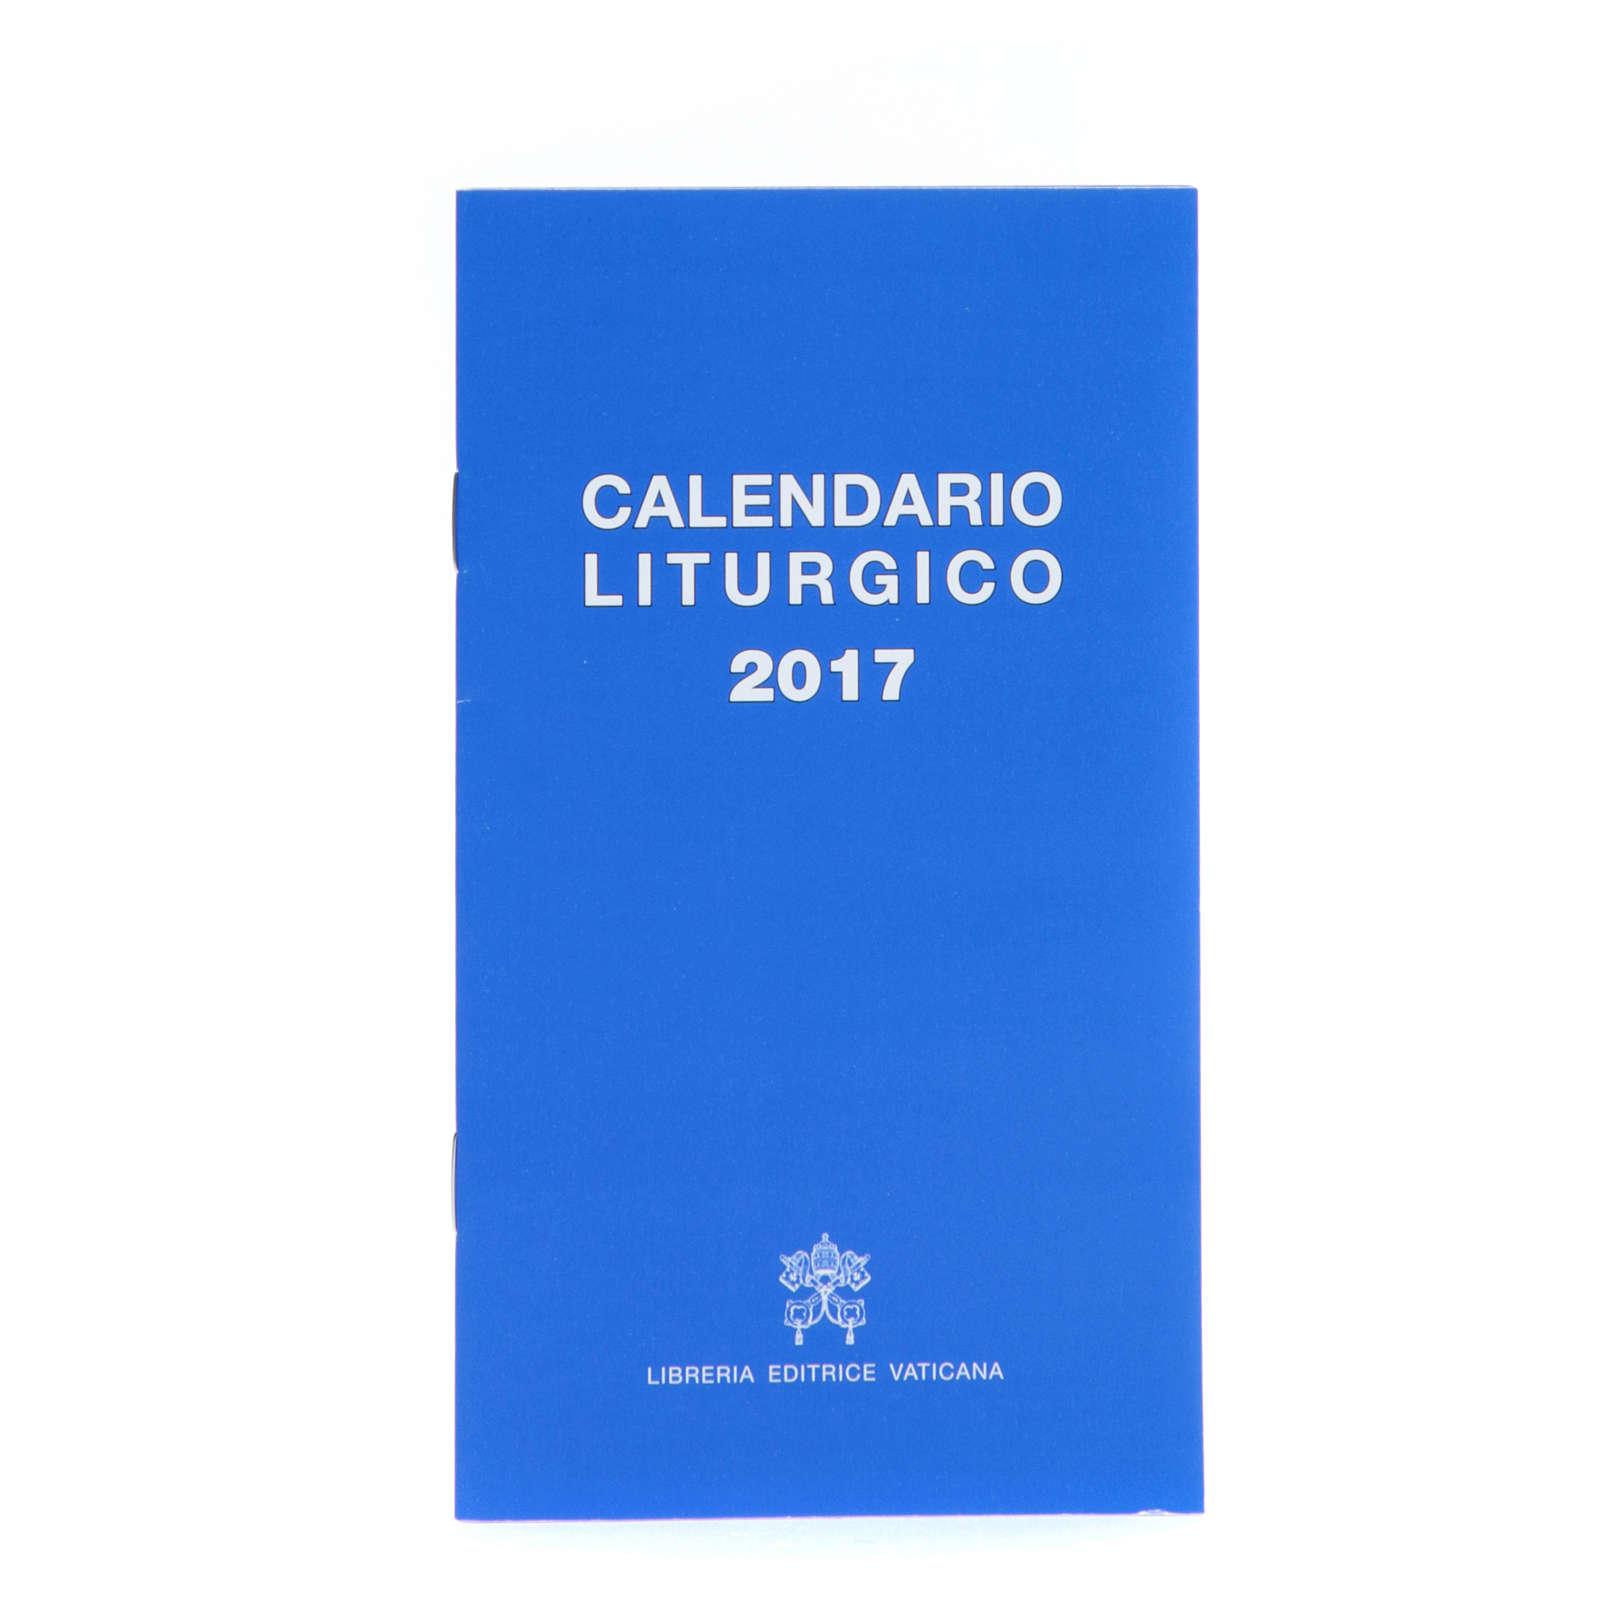 Calendario liturgico 2017 ed. Vaticana 4